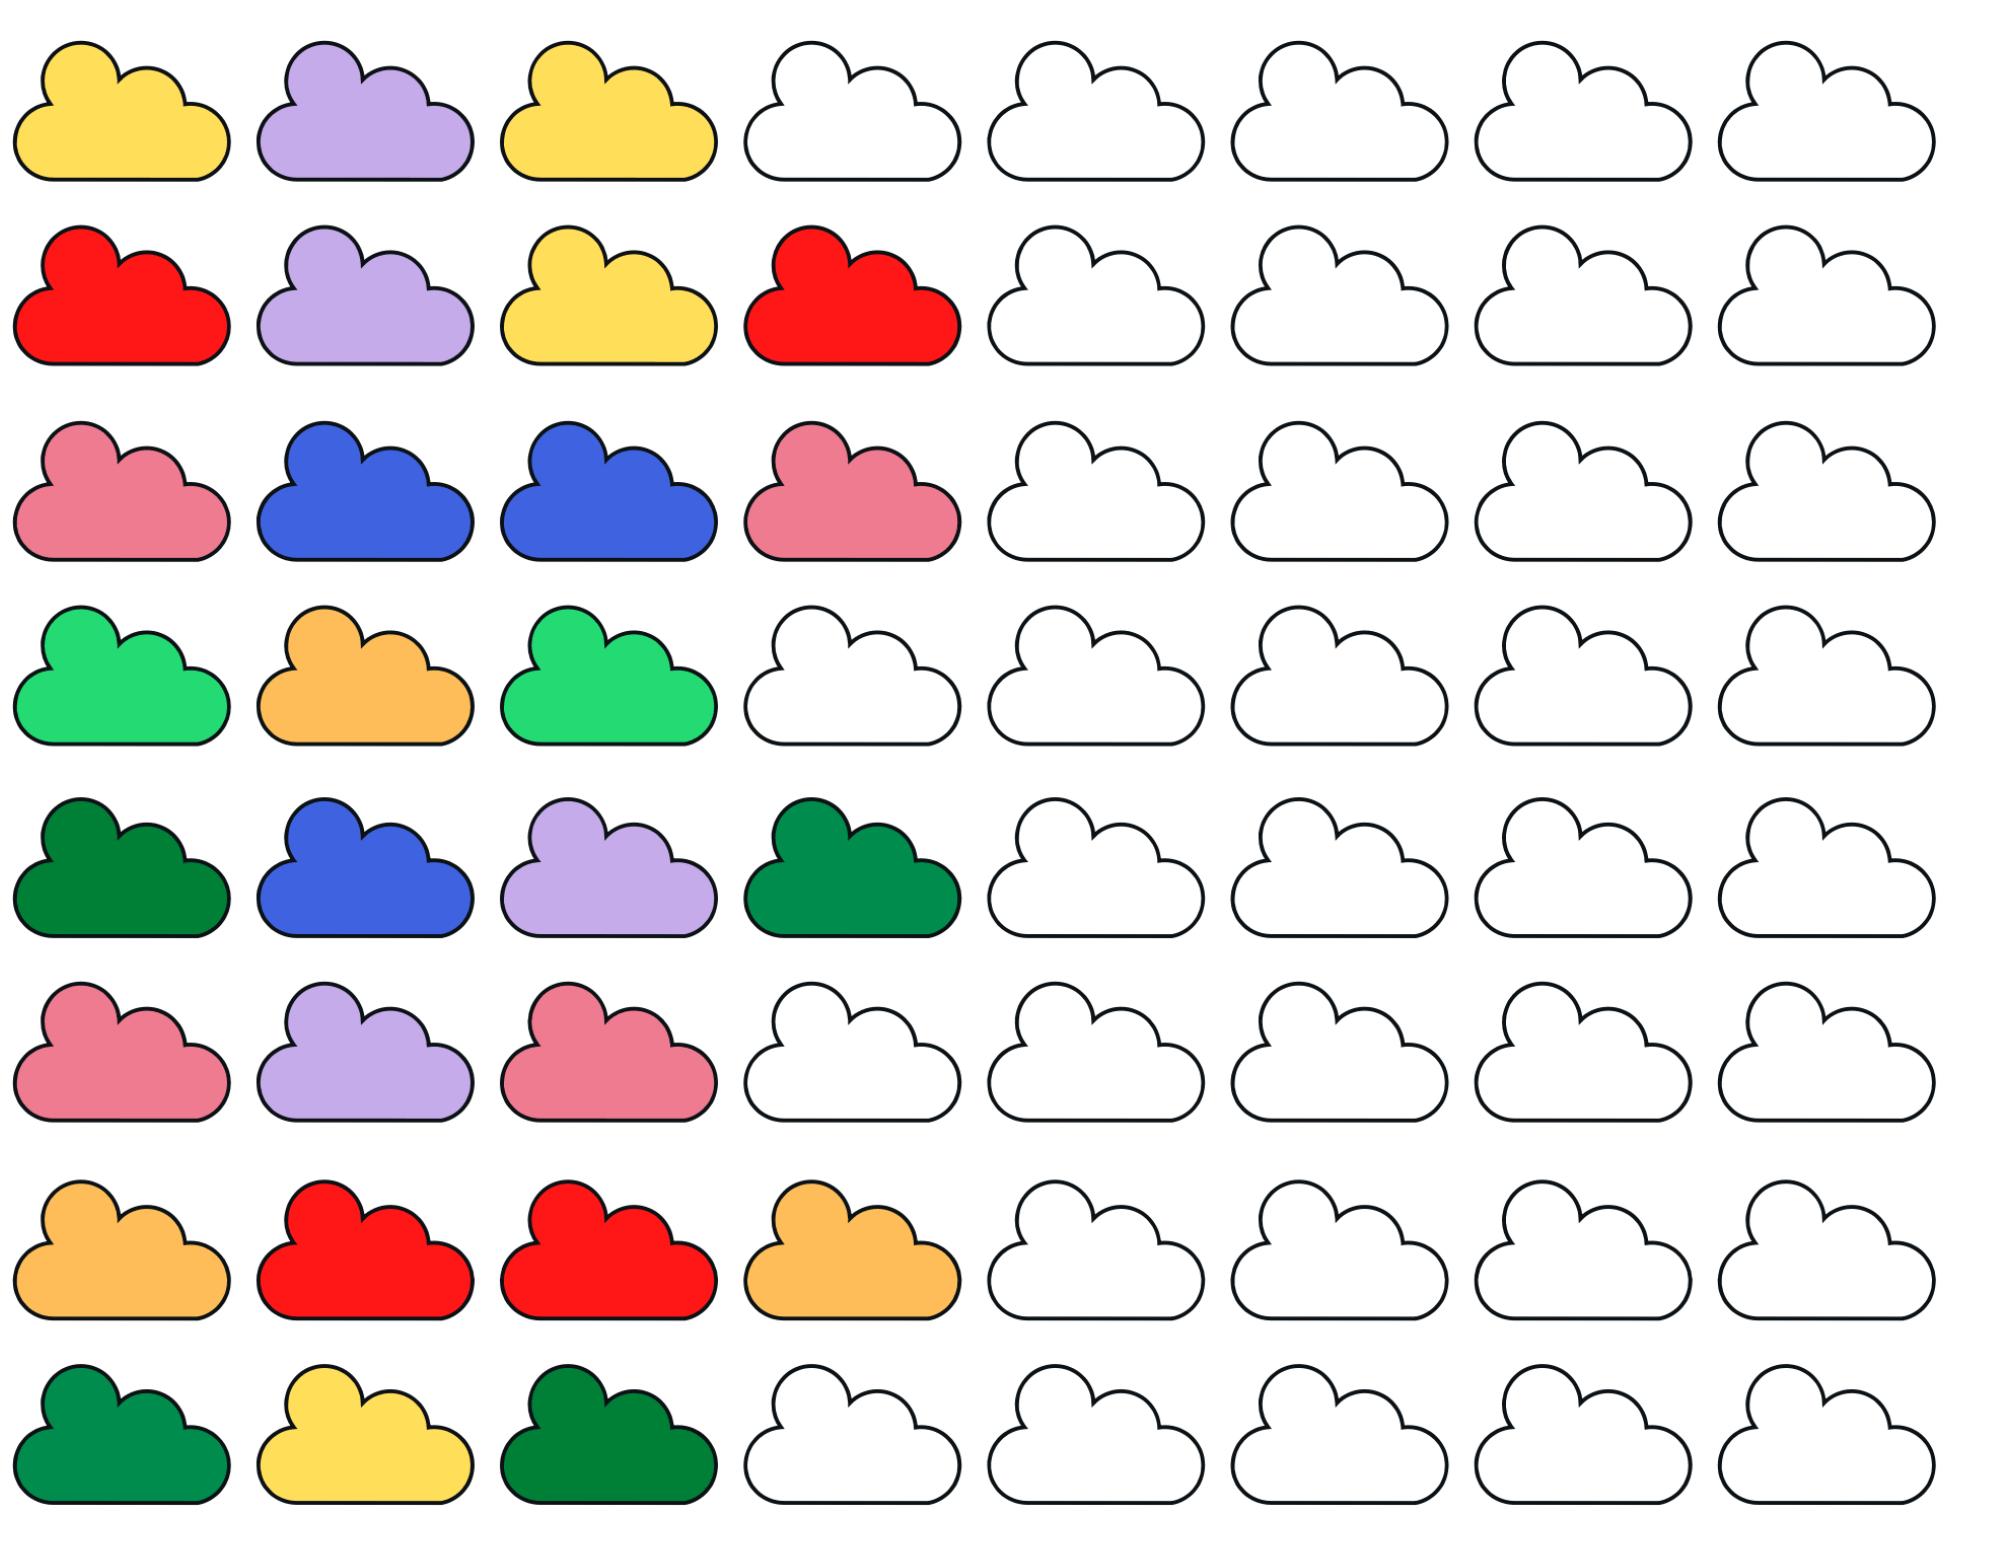 Free printable pattern coloring sheet